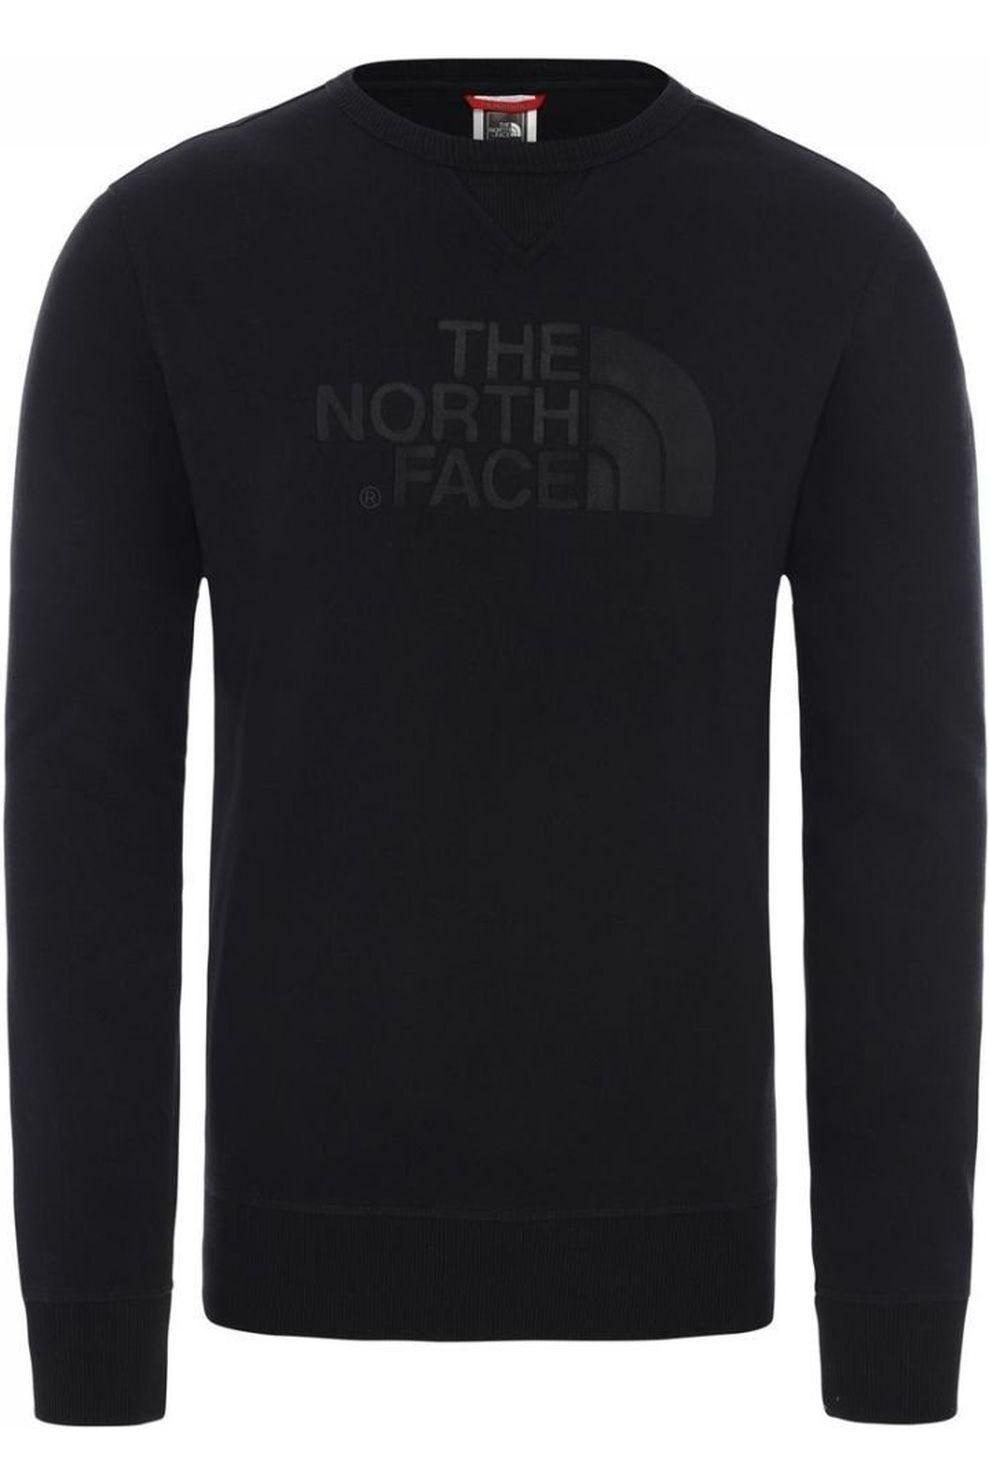 The North Face Trui Drew Peak Crew Light voor heren – Zwart – Maat: M